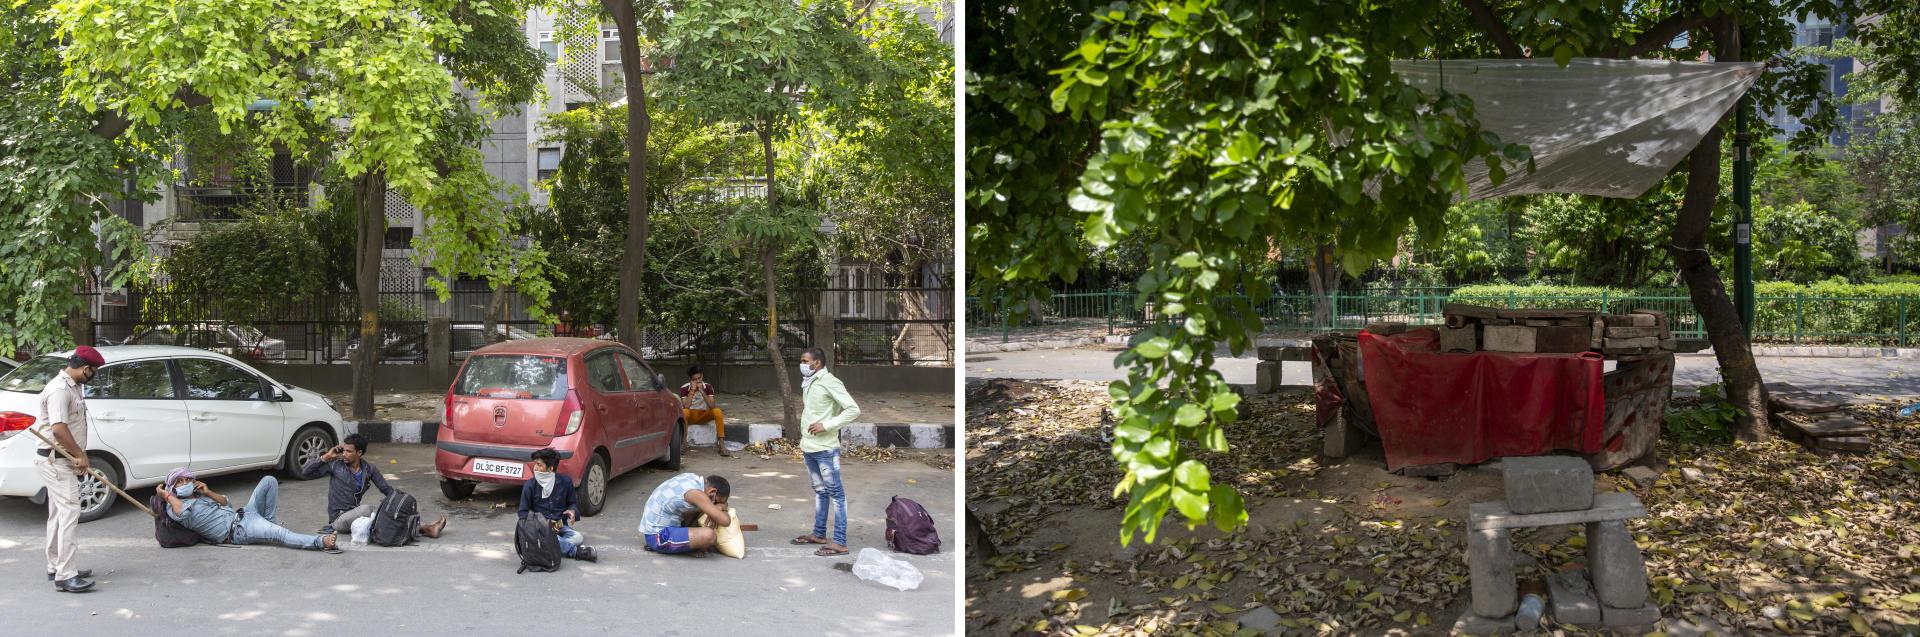 New Delhi, le 18 mai. Les travailleurs attendent, parfois sous 40 degrès, d'être enregistrés pour obtenir une place dans un bus ou un train afin de regagner leur domicile (à gauche). Un commerce de rue laissé à l'abandon après l'annonce du confinement (à droite).